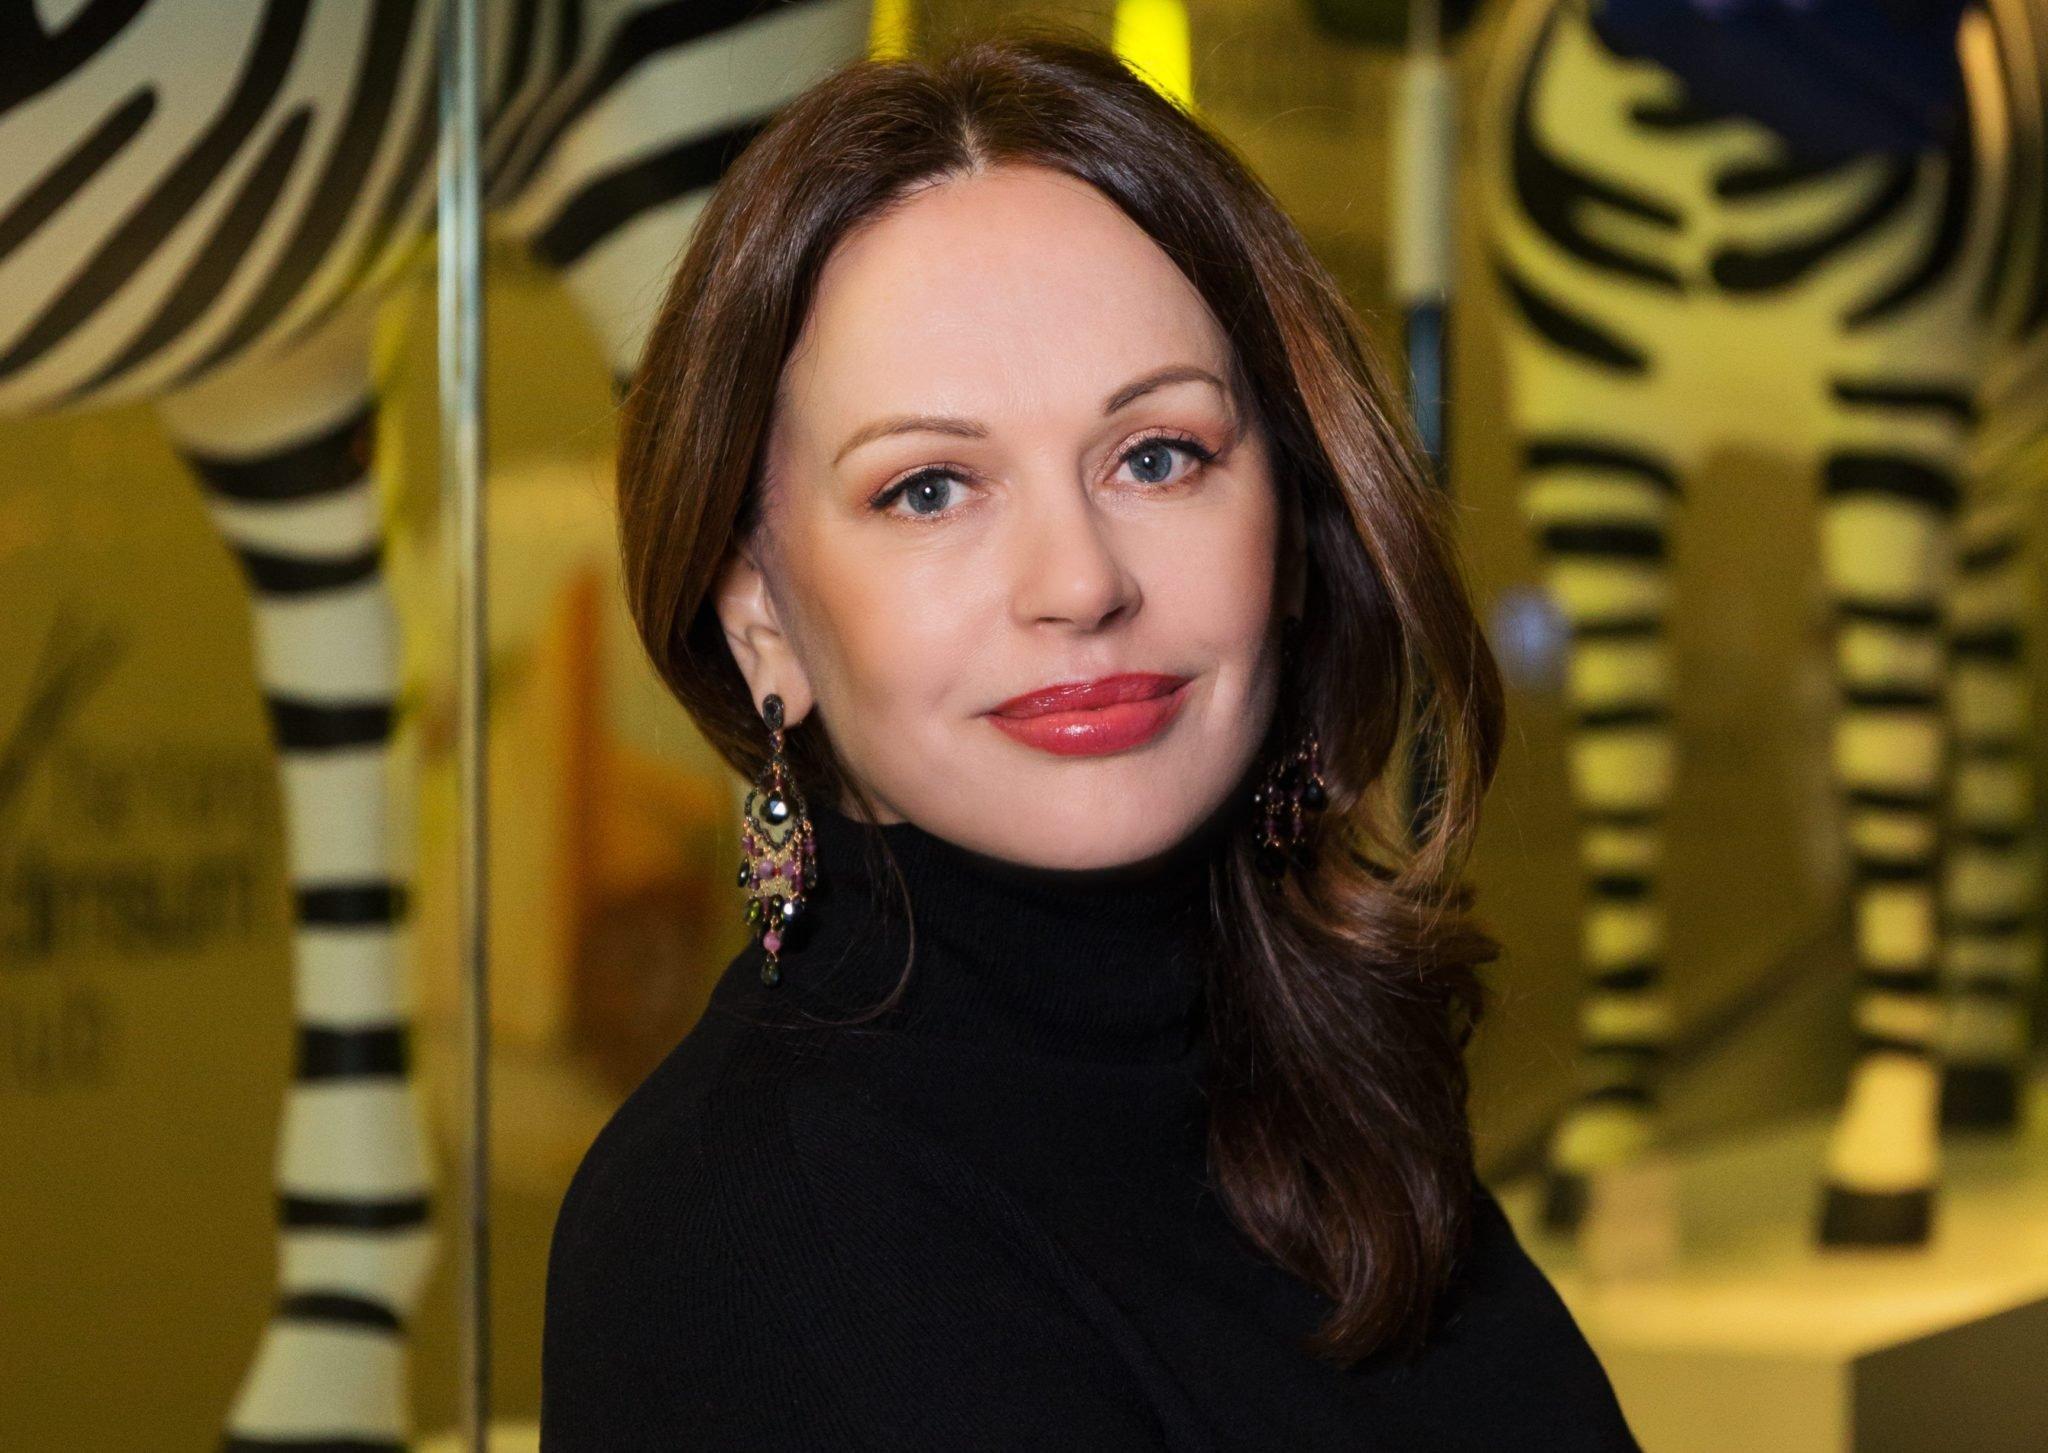 Ирина Безрукова высказалась по поводу внезапной смерти Сергея Куницкого